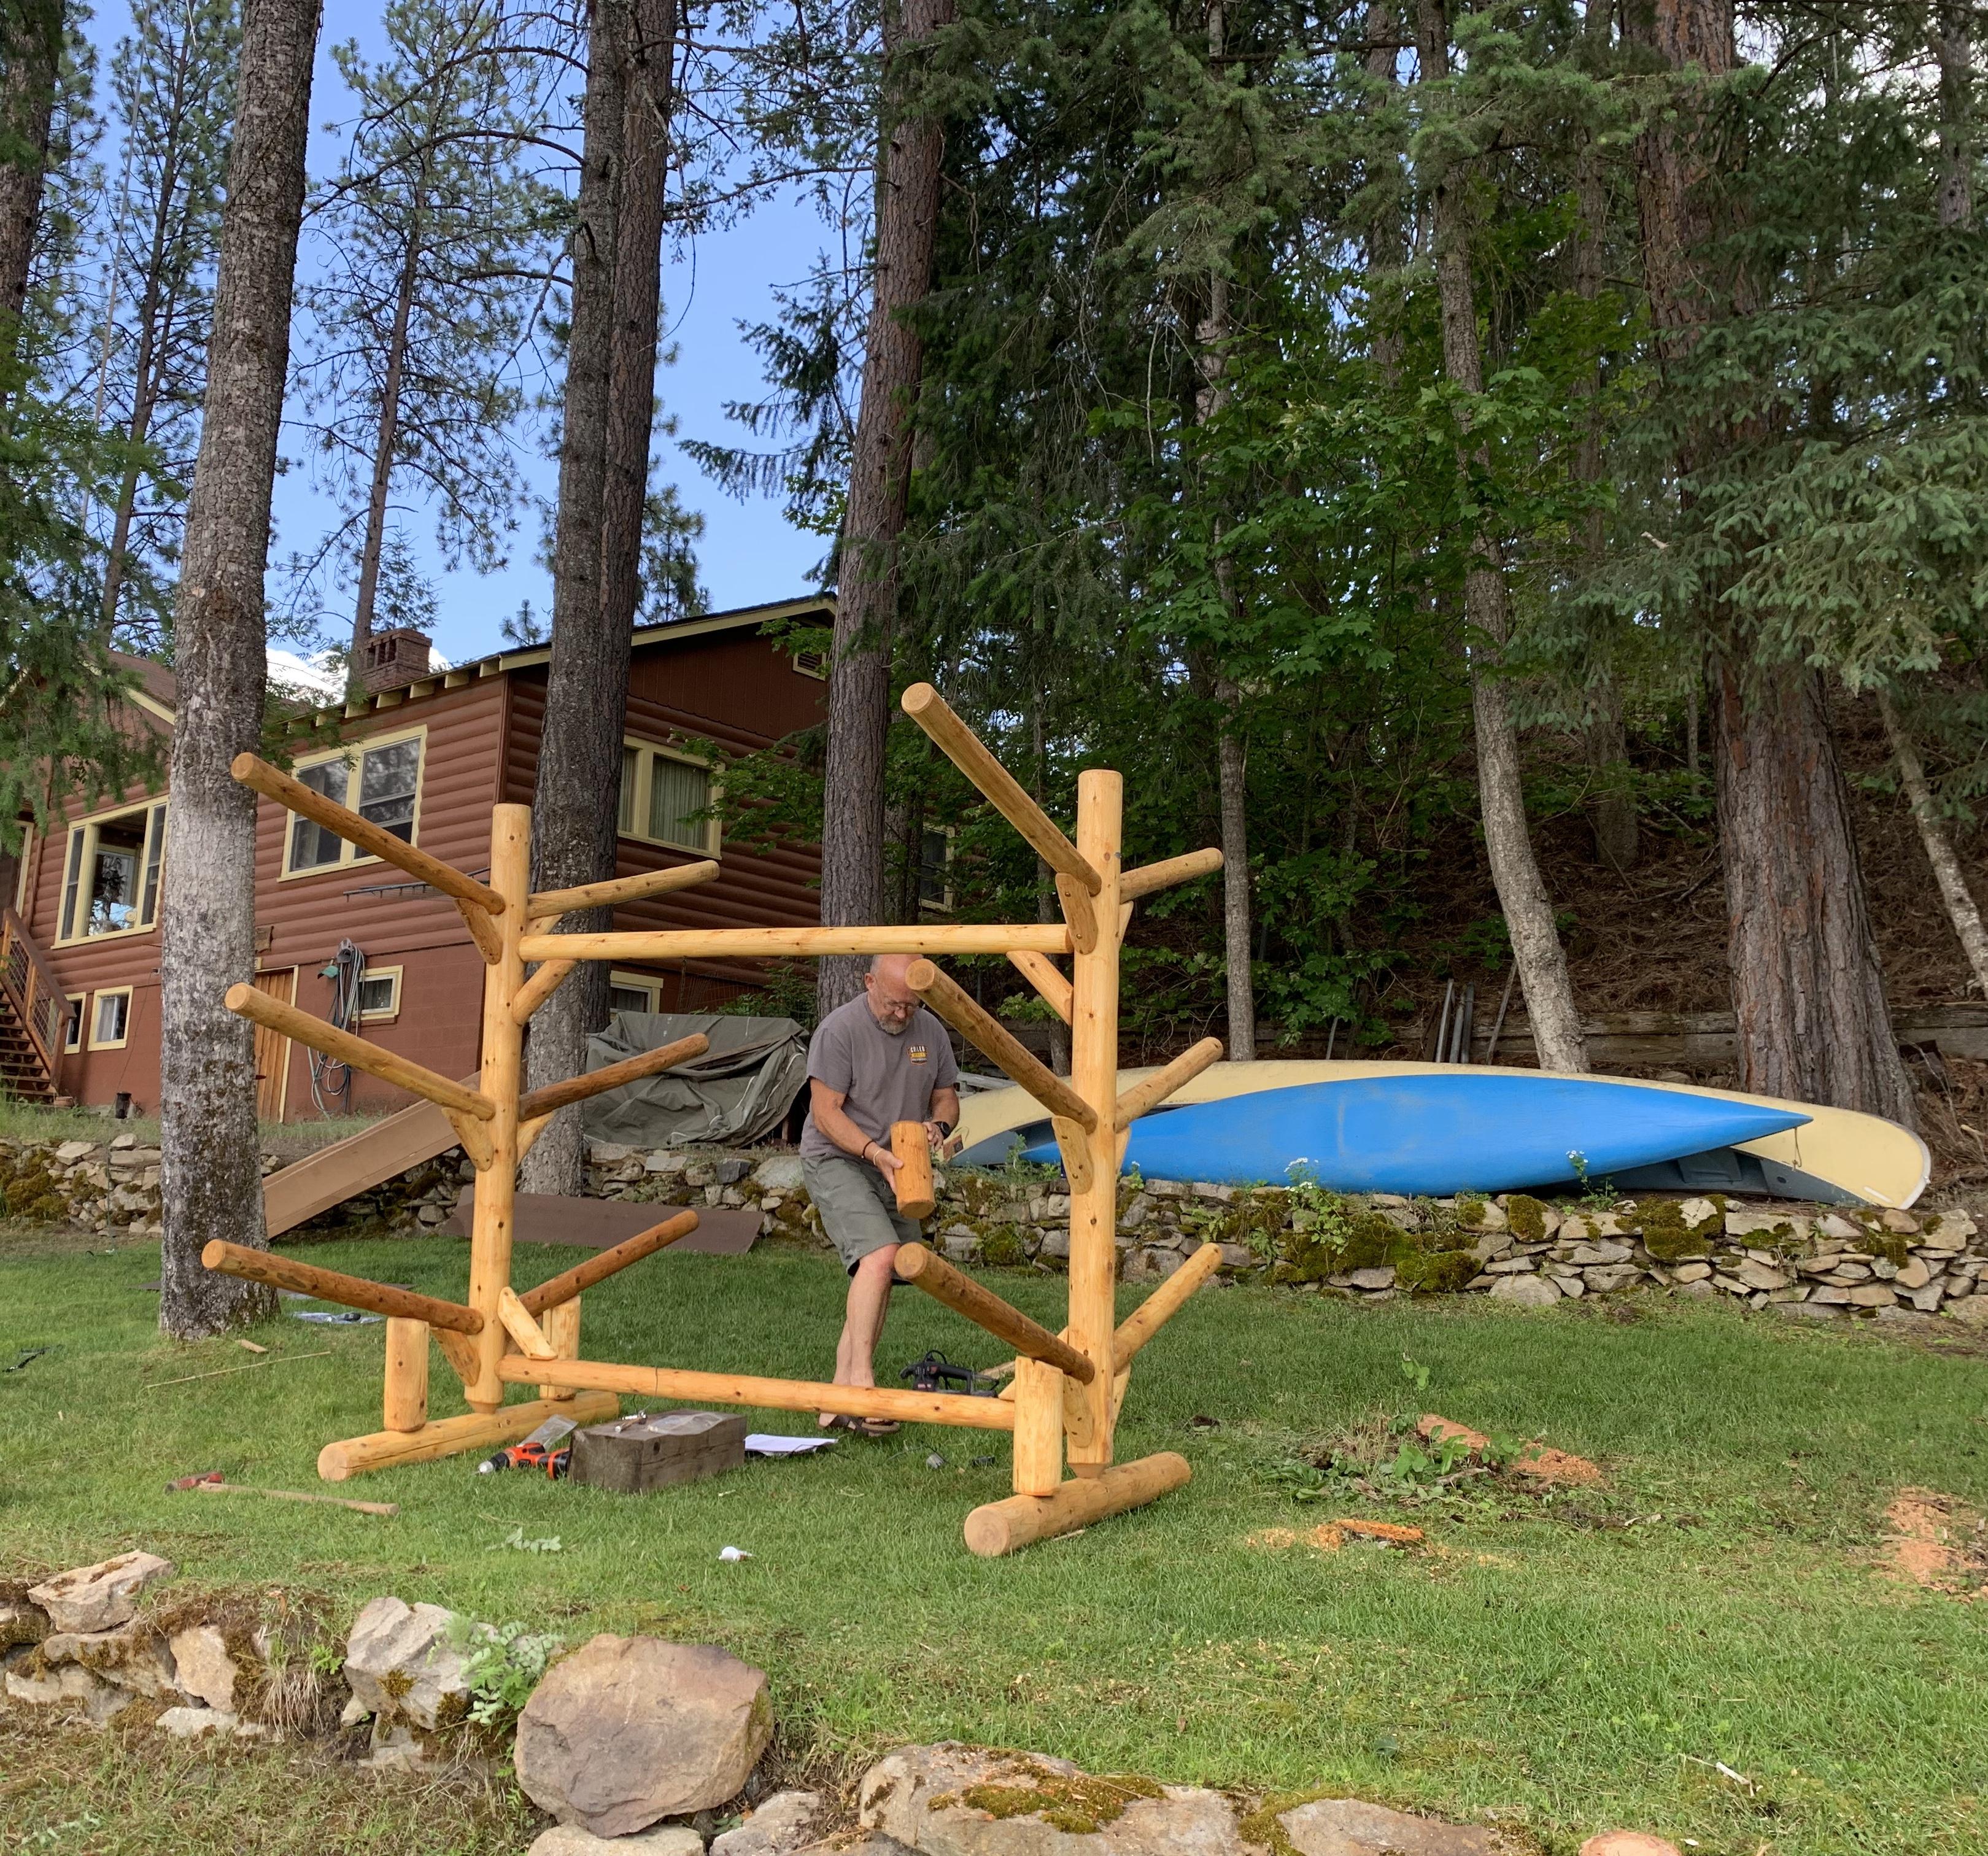 6 SUP And Kayak Storage Rack